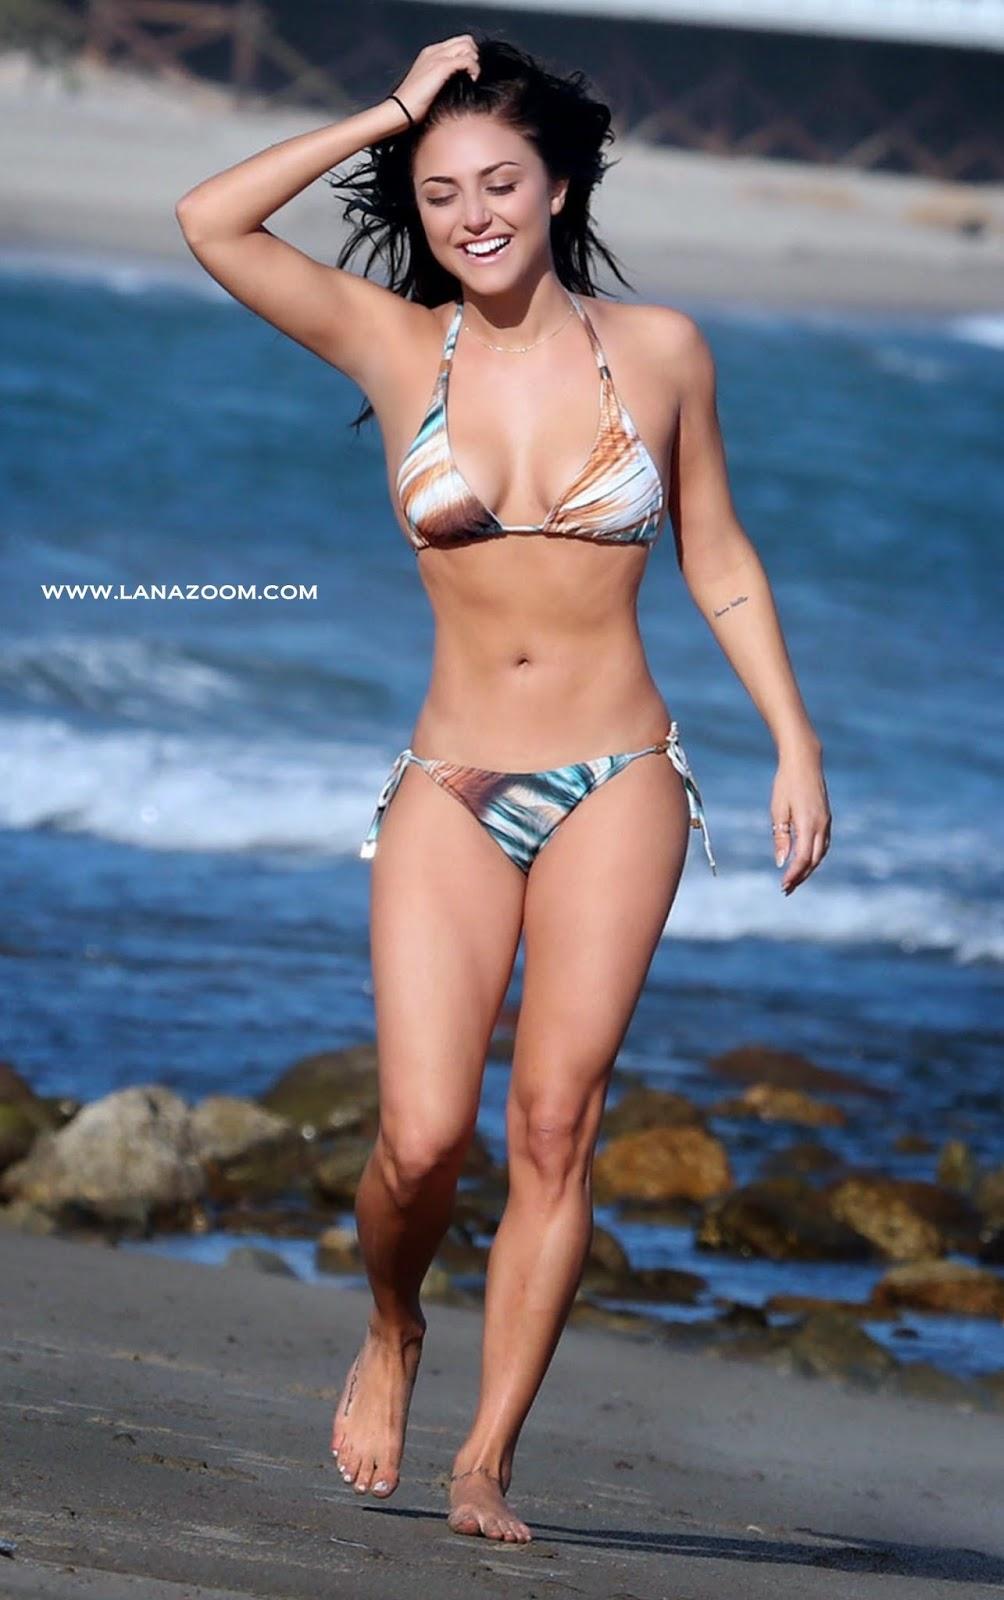 الممثلة الامريكية كاسي سكيربو في صور رائعة بالبكيني على شاطئ ماليبو